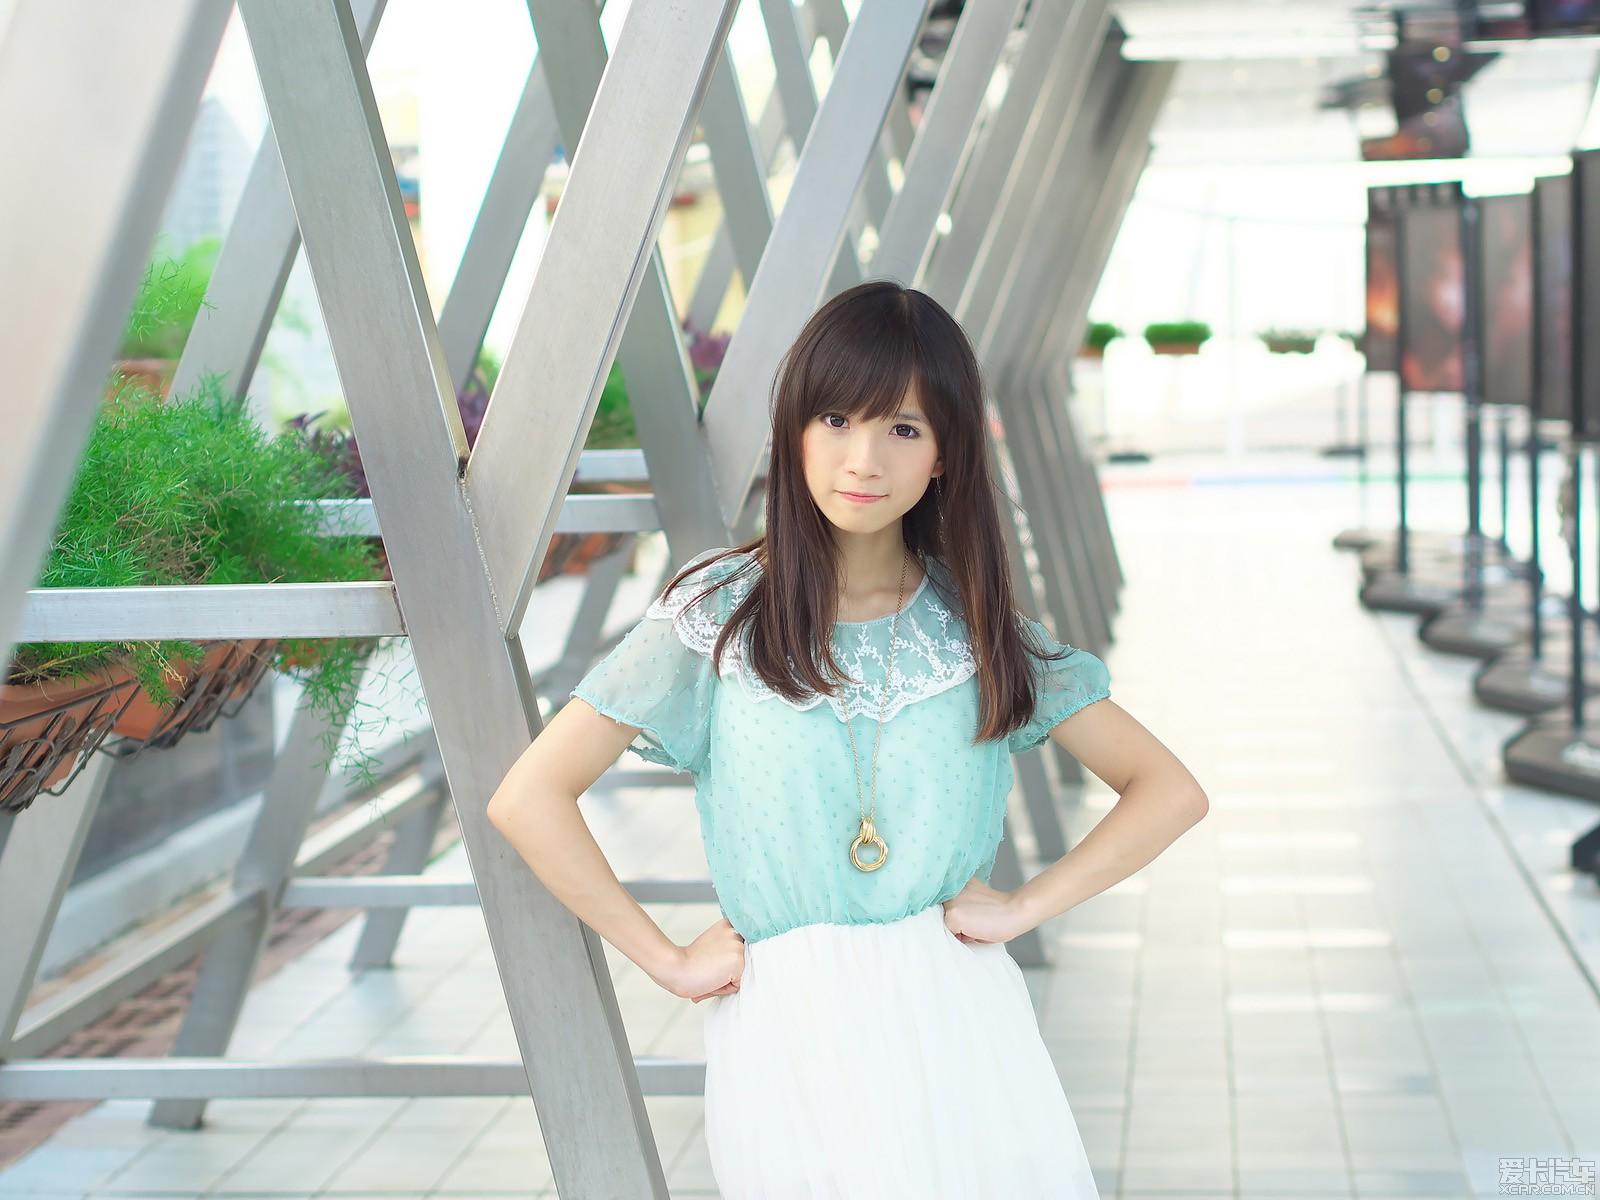 【美女共享】★清纯de小可爱